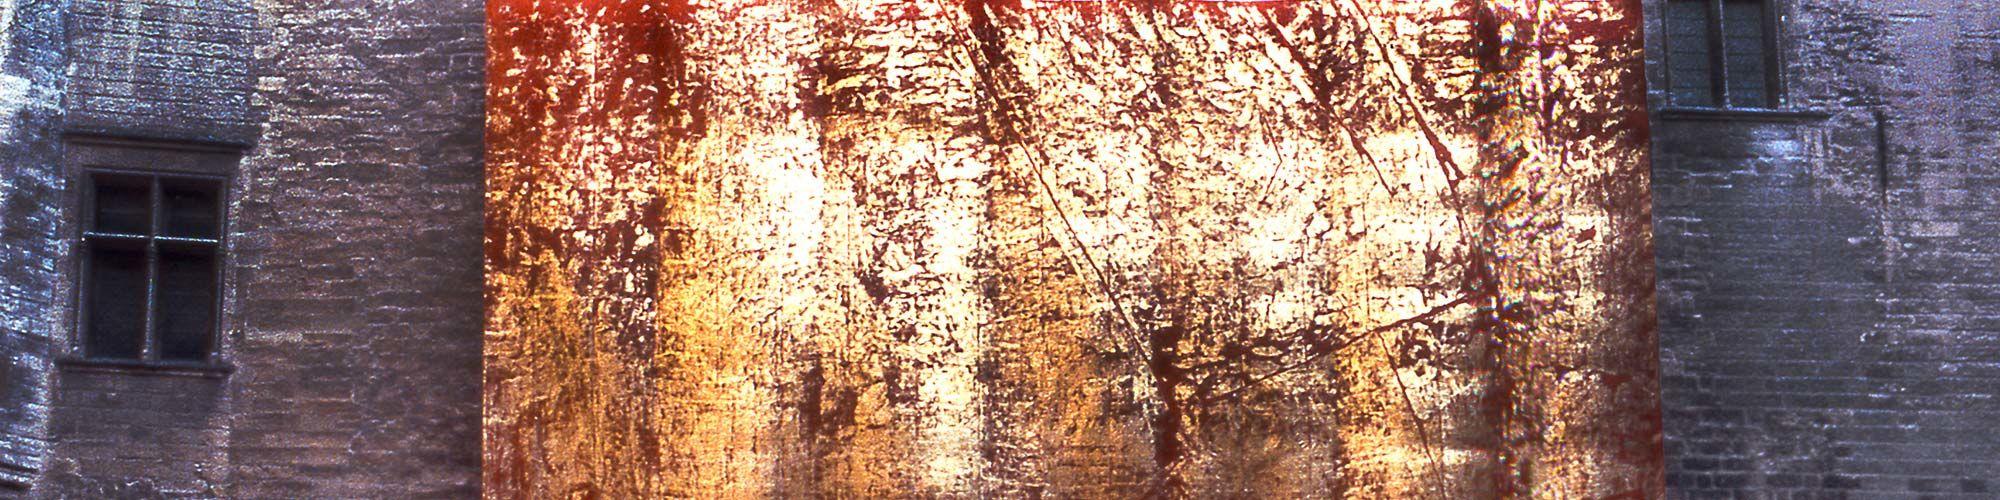 Progagande active Le Théâtre et la peste – Antonin Artaud